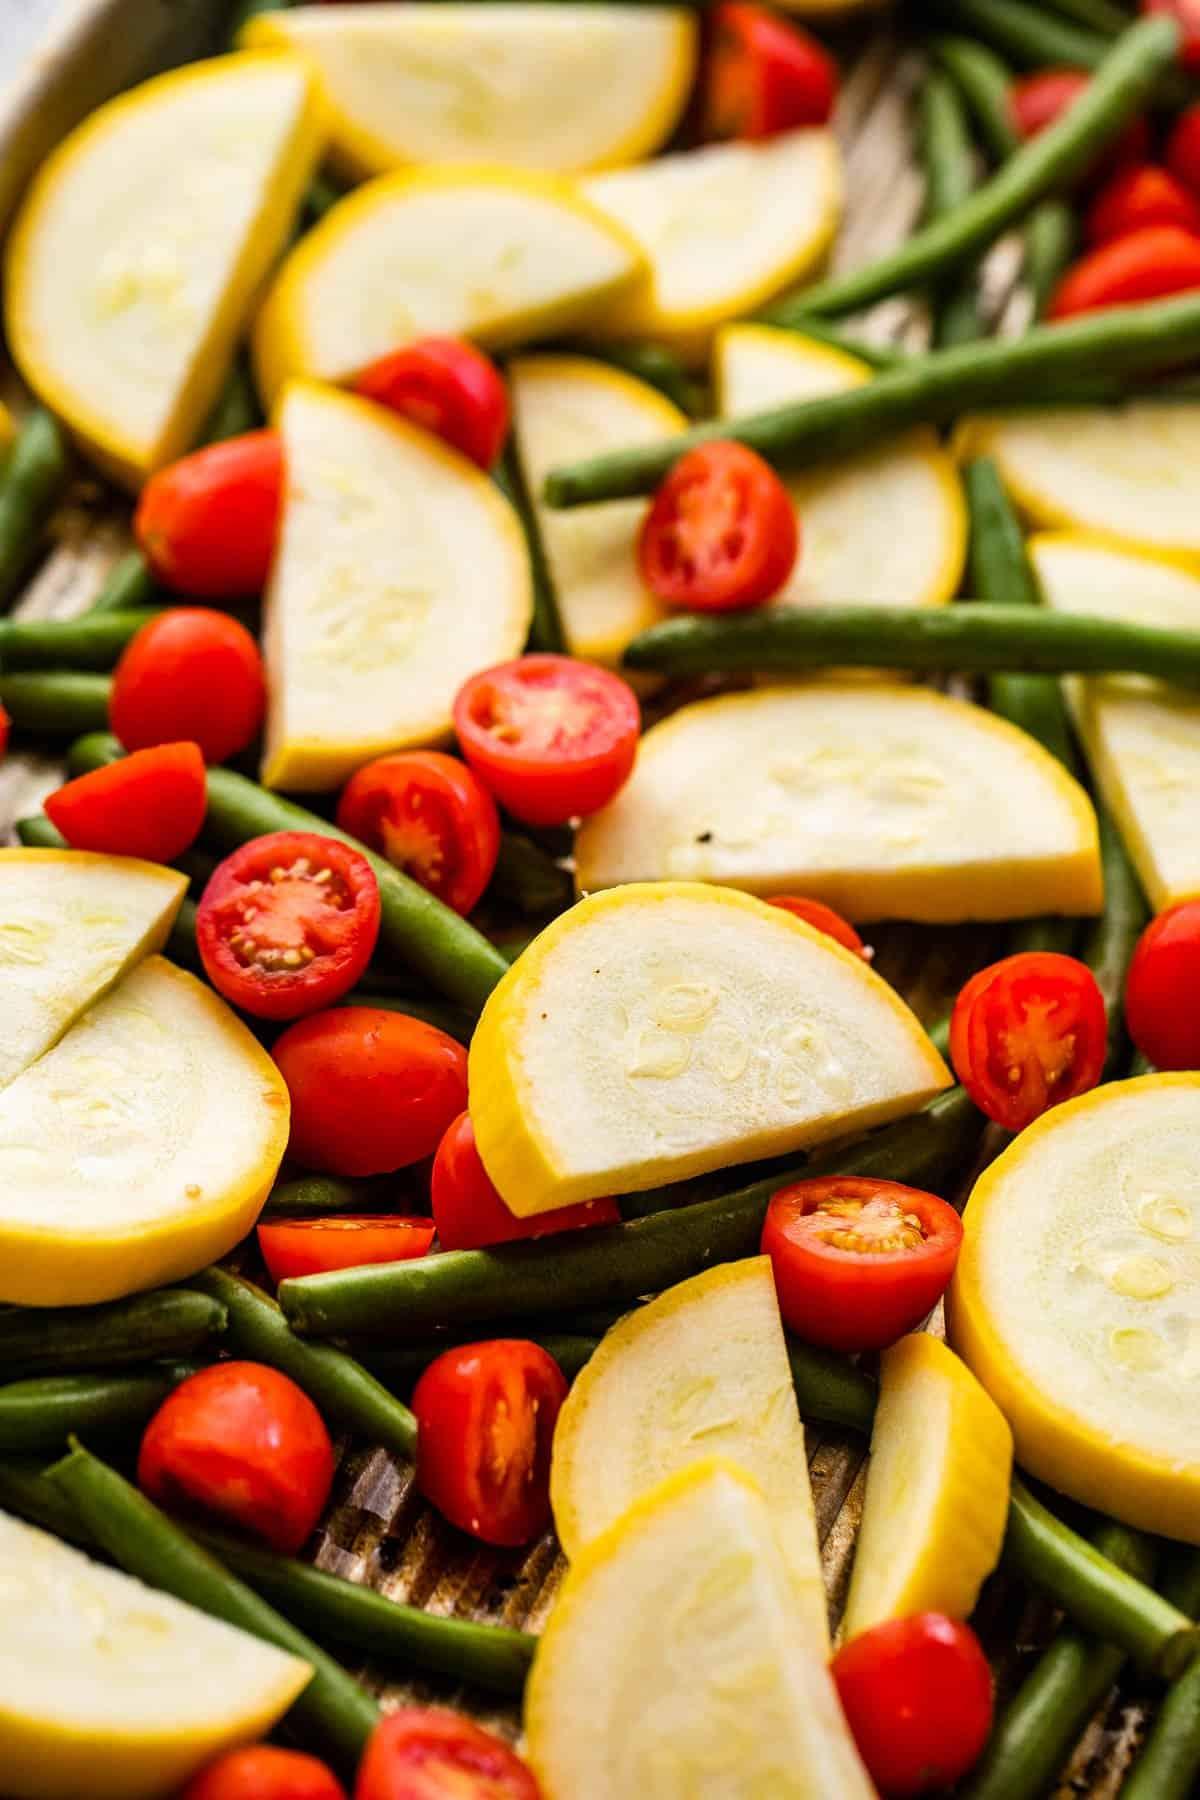 közelről készített fotók félbevágott cseresznyeparadicsomról, felezett sárga cukkiniről és egész zöldbabról